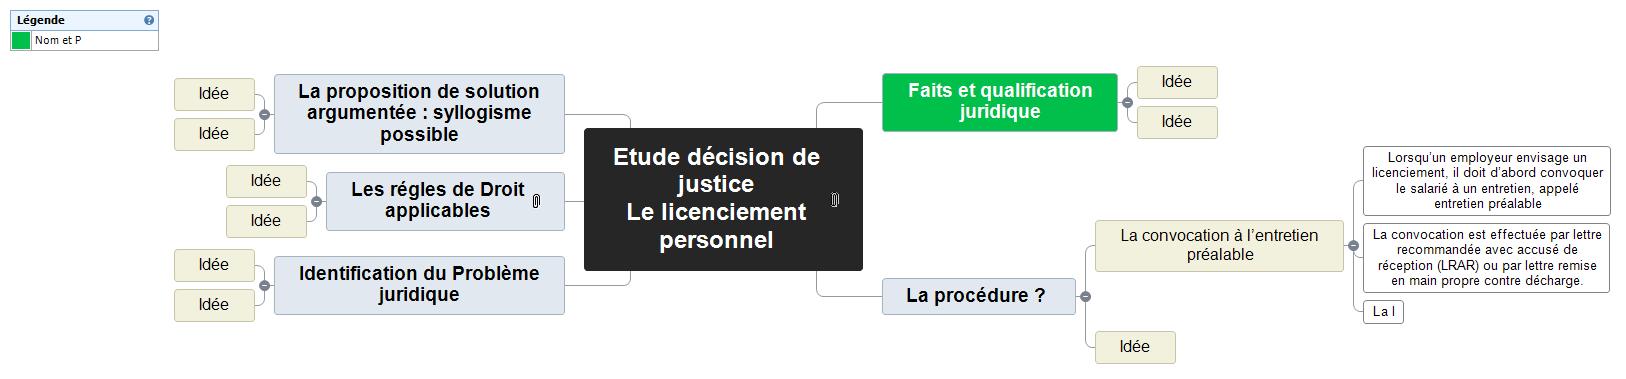 Etude décision de justice  Mind Maps